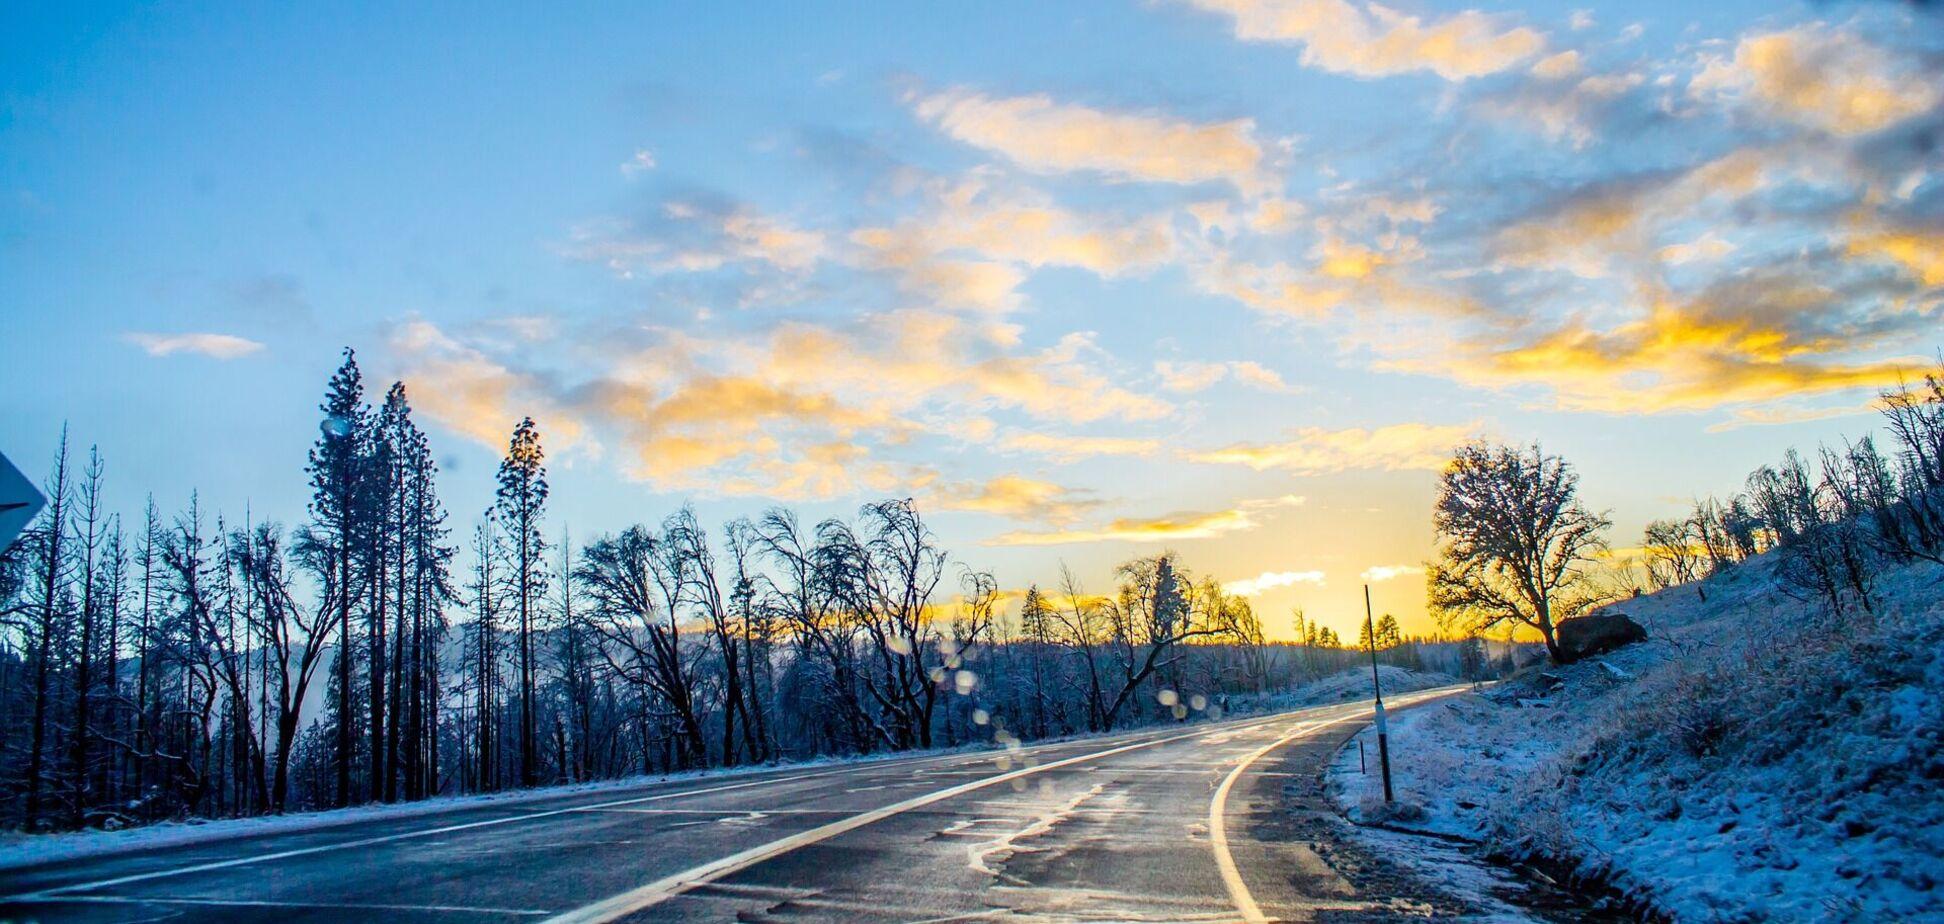 В Украину вернутся морозы: появился прогноз погоды на субботу. Карта